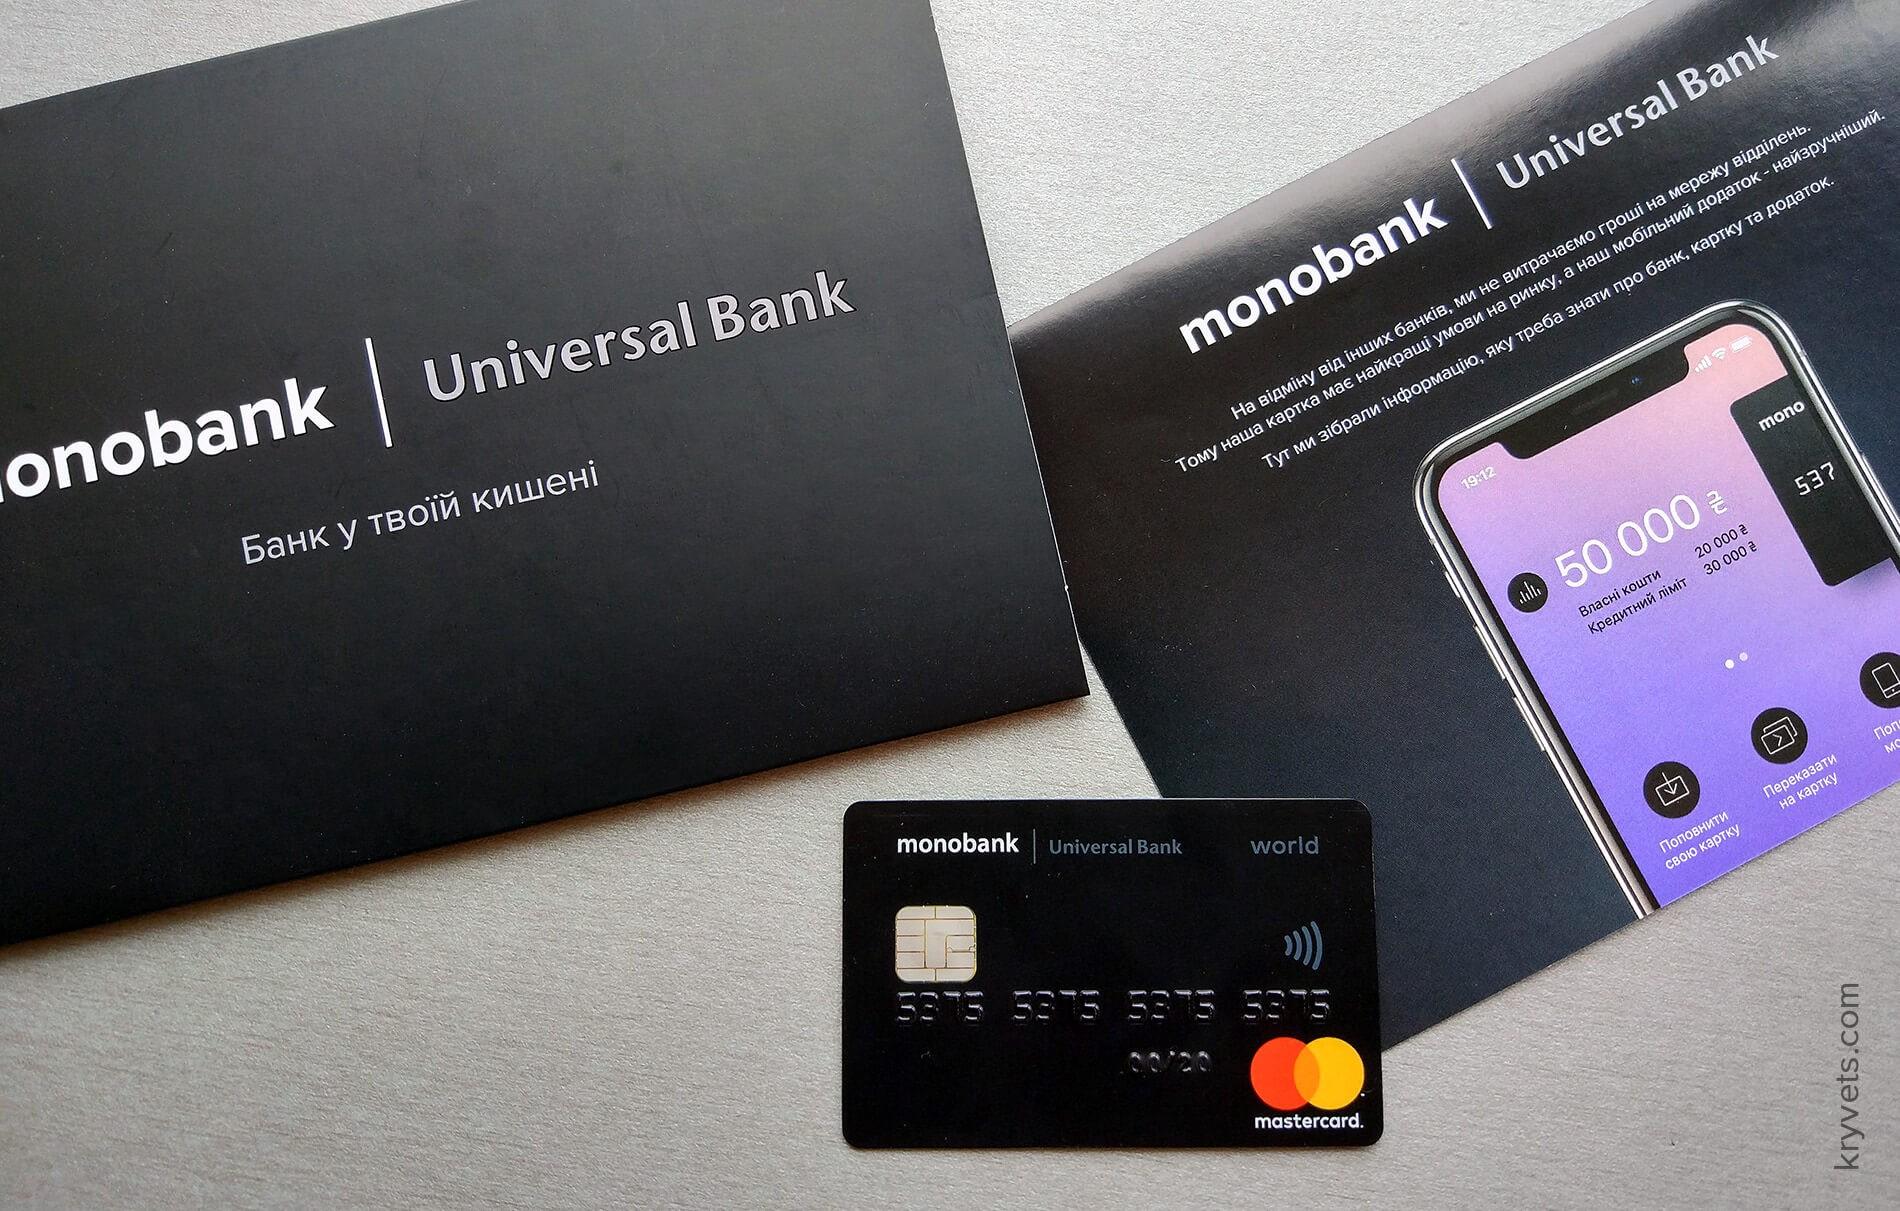 💳 Monobank rozpoviv, čomu klijentam zminjujuť kredytni limity